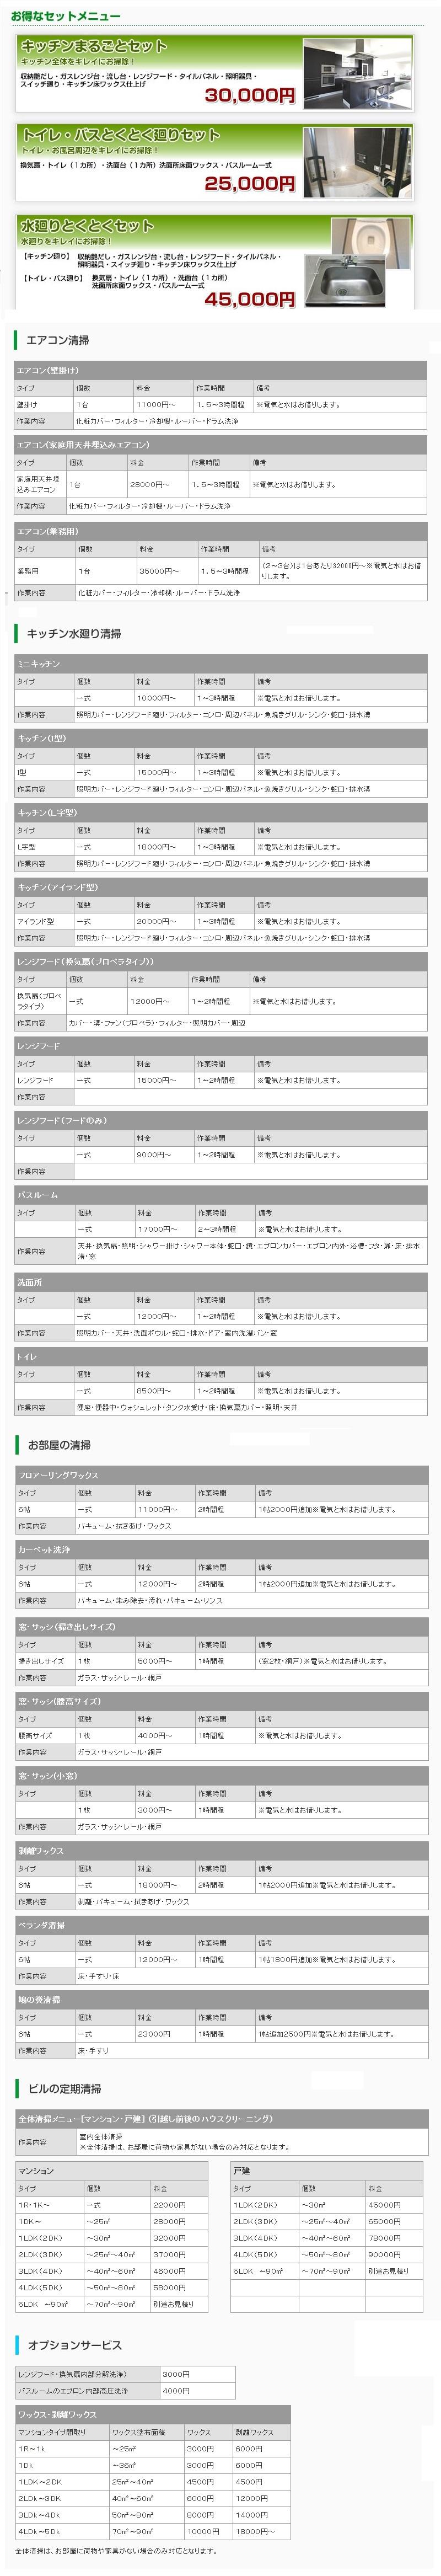 20150207-kyanpen-kishimoto.jpg